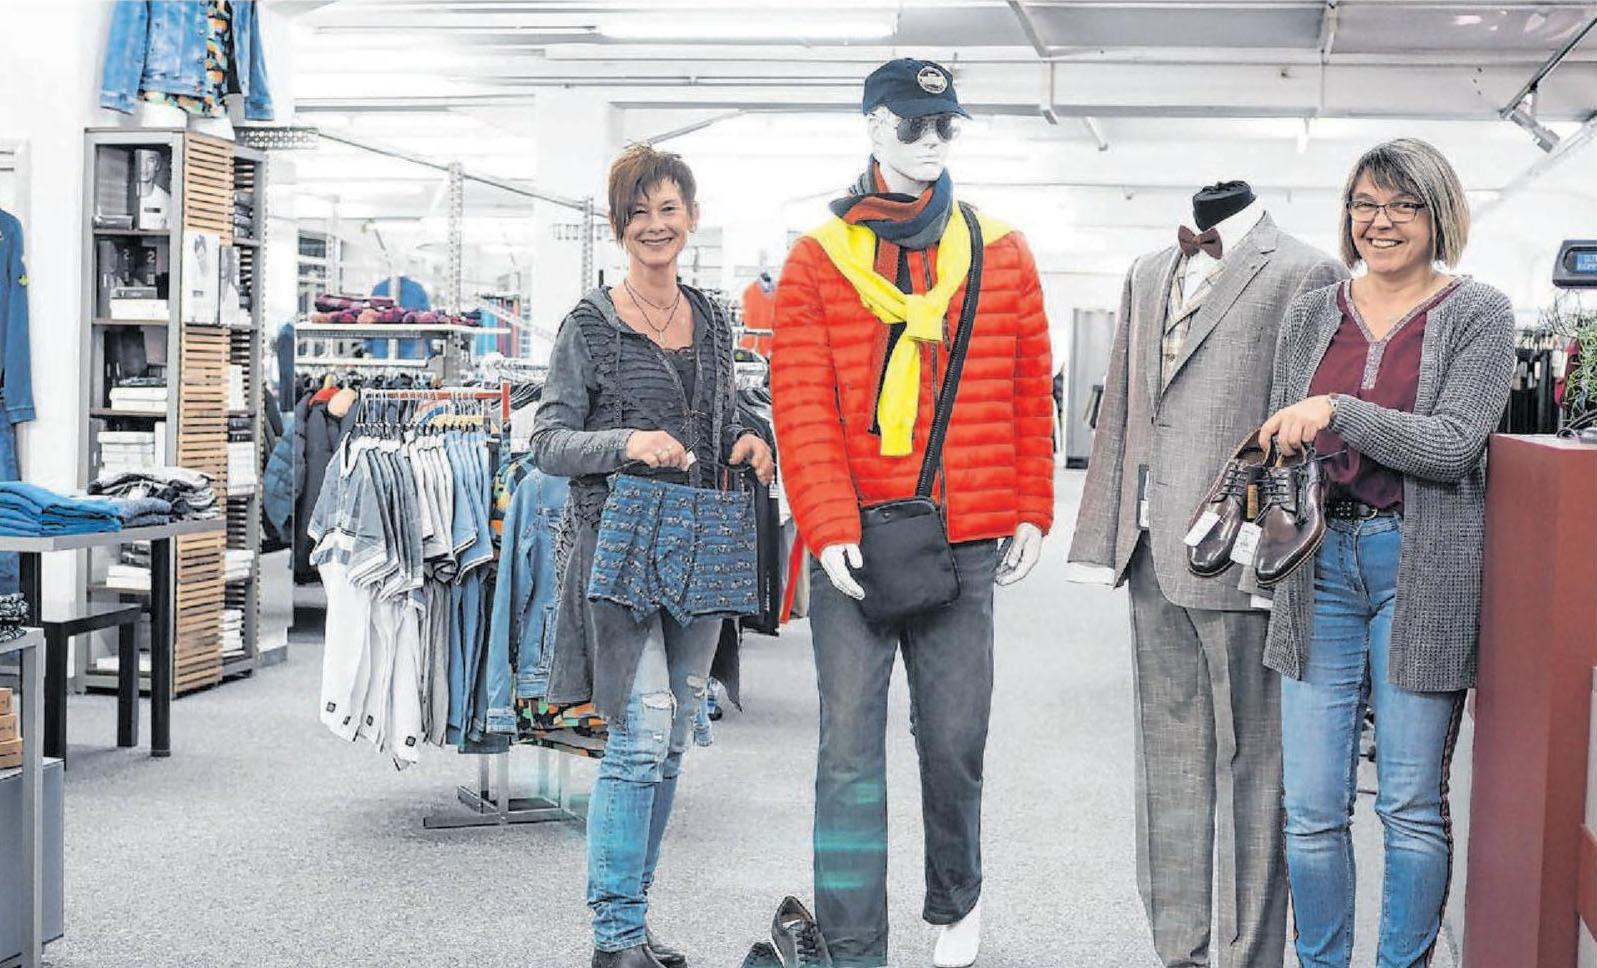 Auf 700 Quadratmetern findet man bei KL Menswear Herrenmode für jedes Alter. Die Auswahl an Qualitätsmarken ist groß. Foto: Nadine Wilmanns